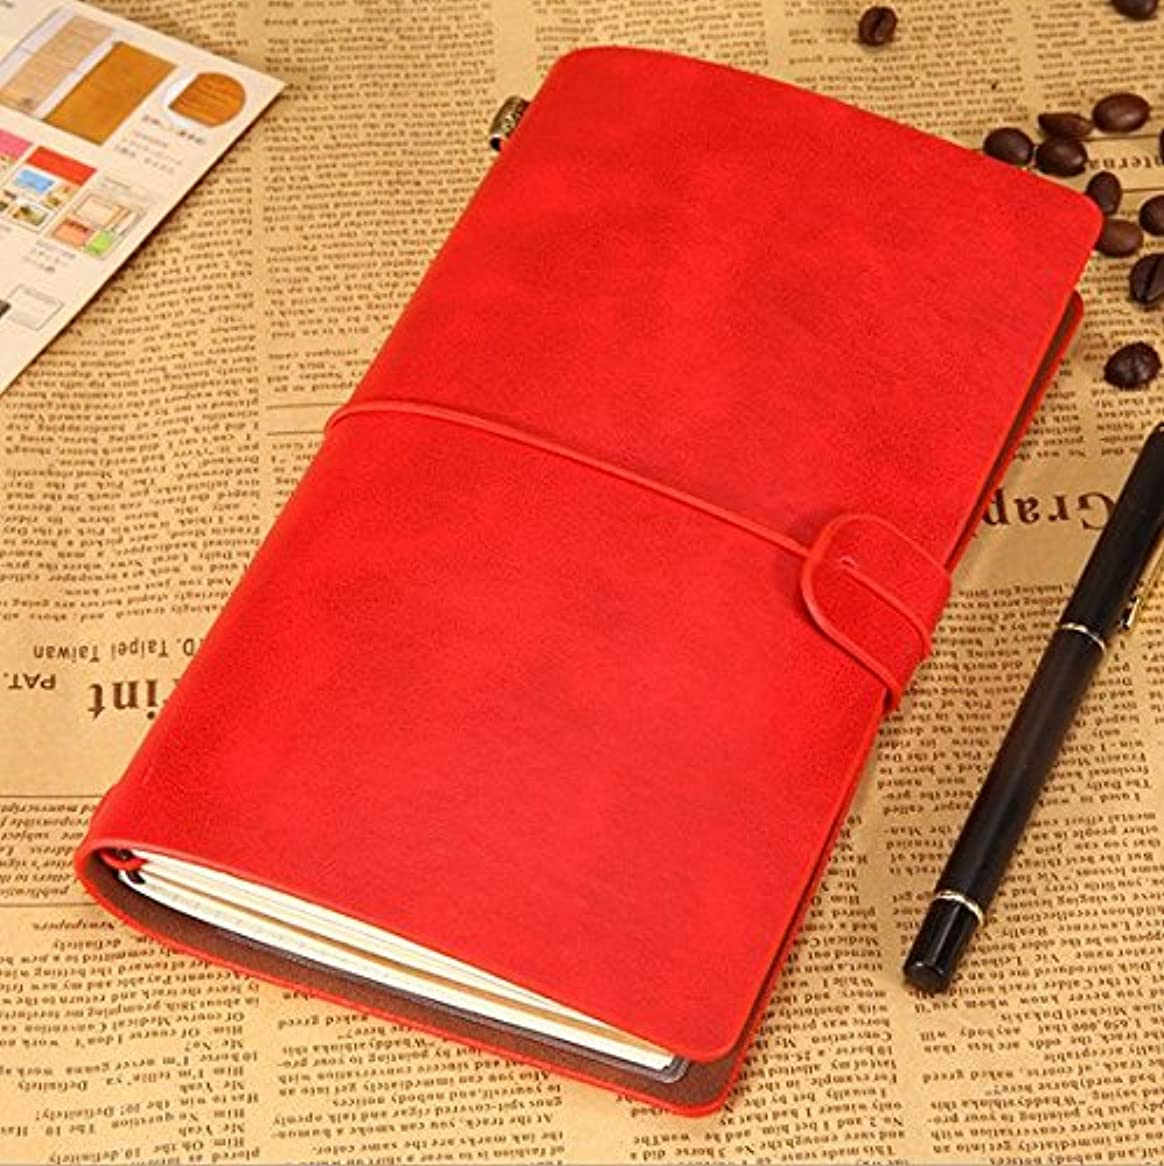 を必要としています間接的一時的Zaoneレザージャーナルビンテージハンドメイド詰め替え可能Traveler 's Writingノートブックメモ帳Daily Great Gift forメンズレディース学生アートSketchbook、旅行日記